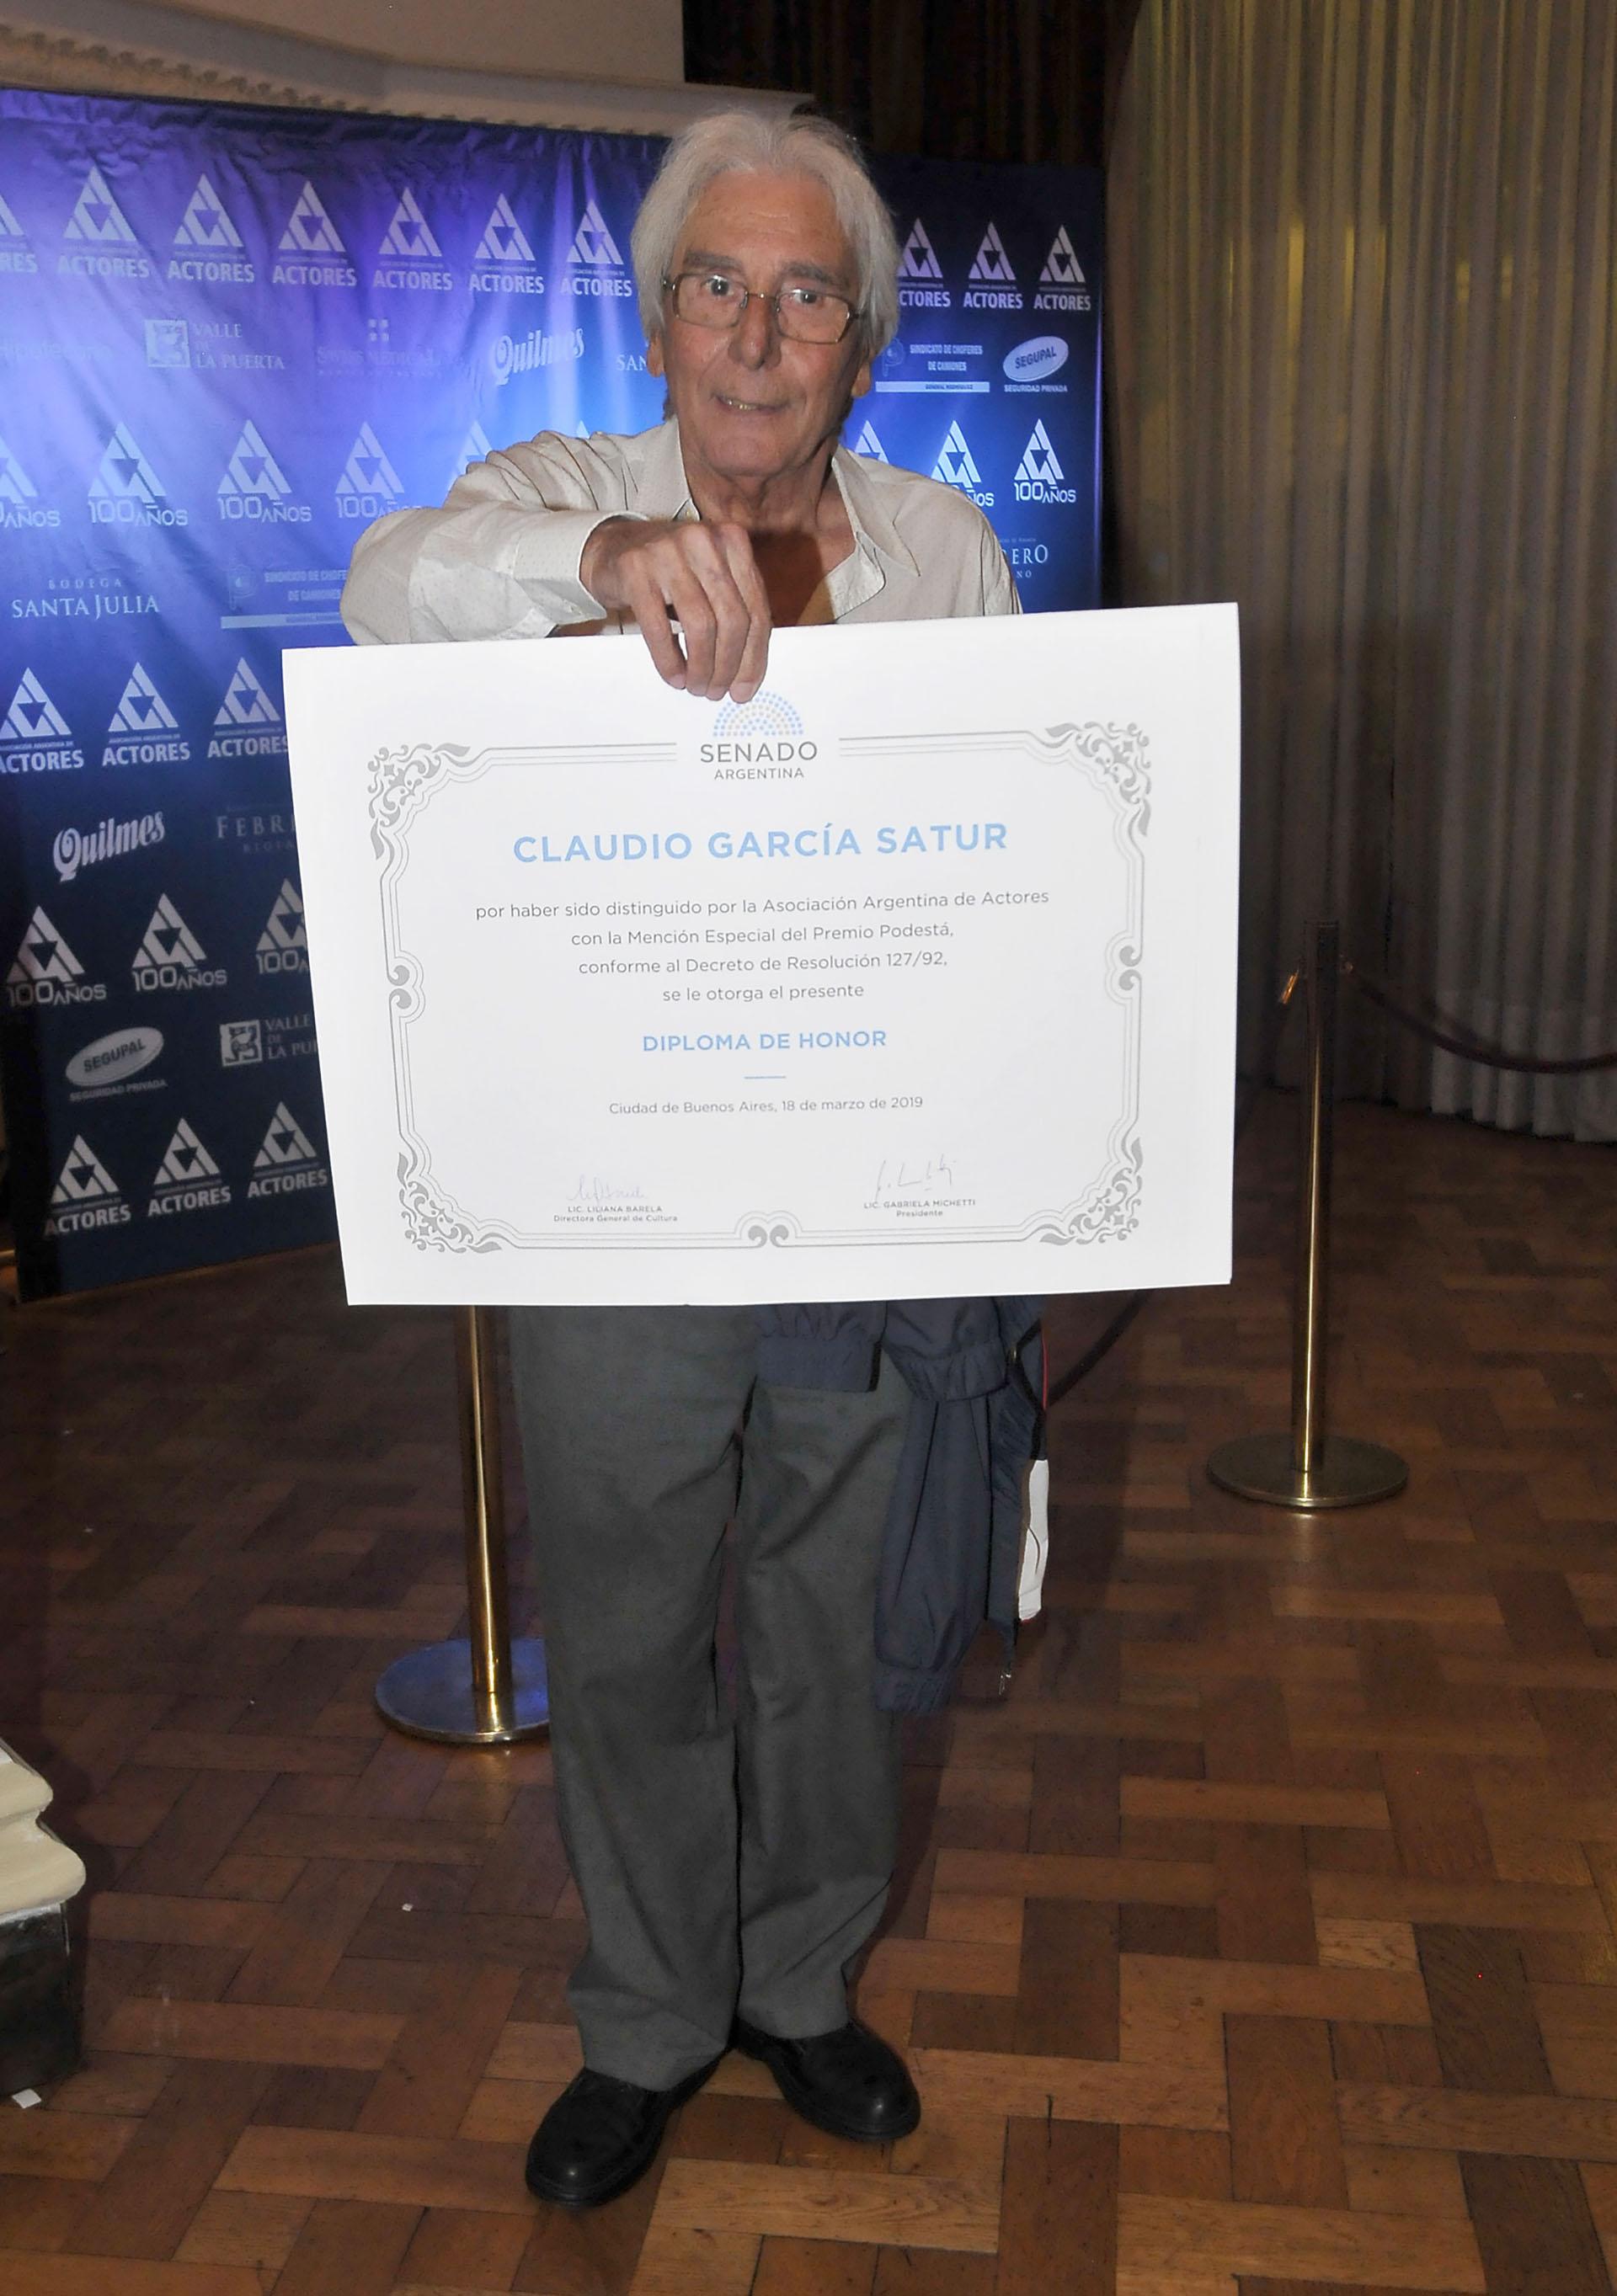 Claudio García Satur y su diploma de honor